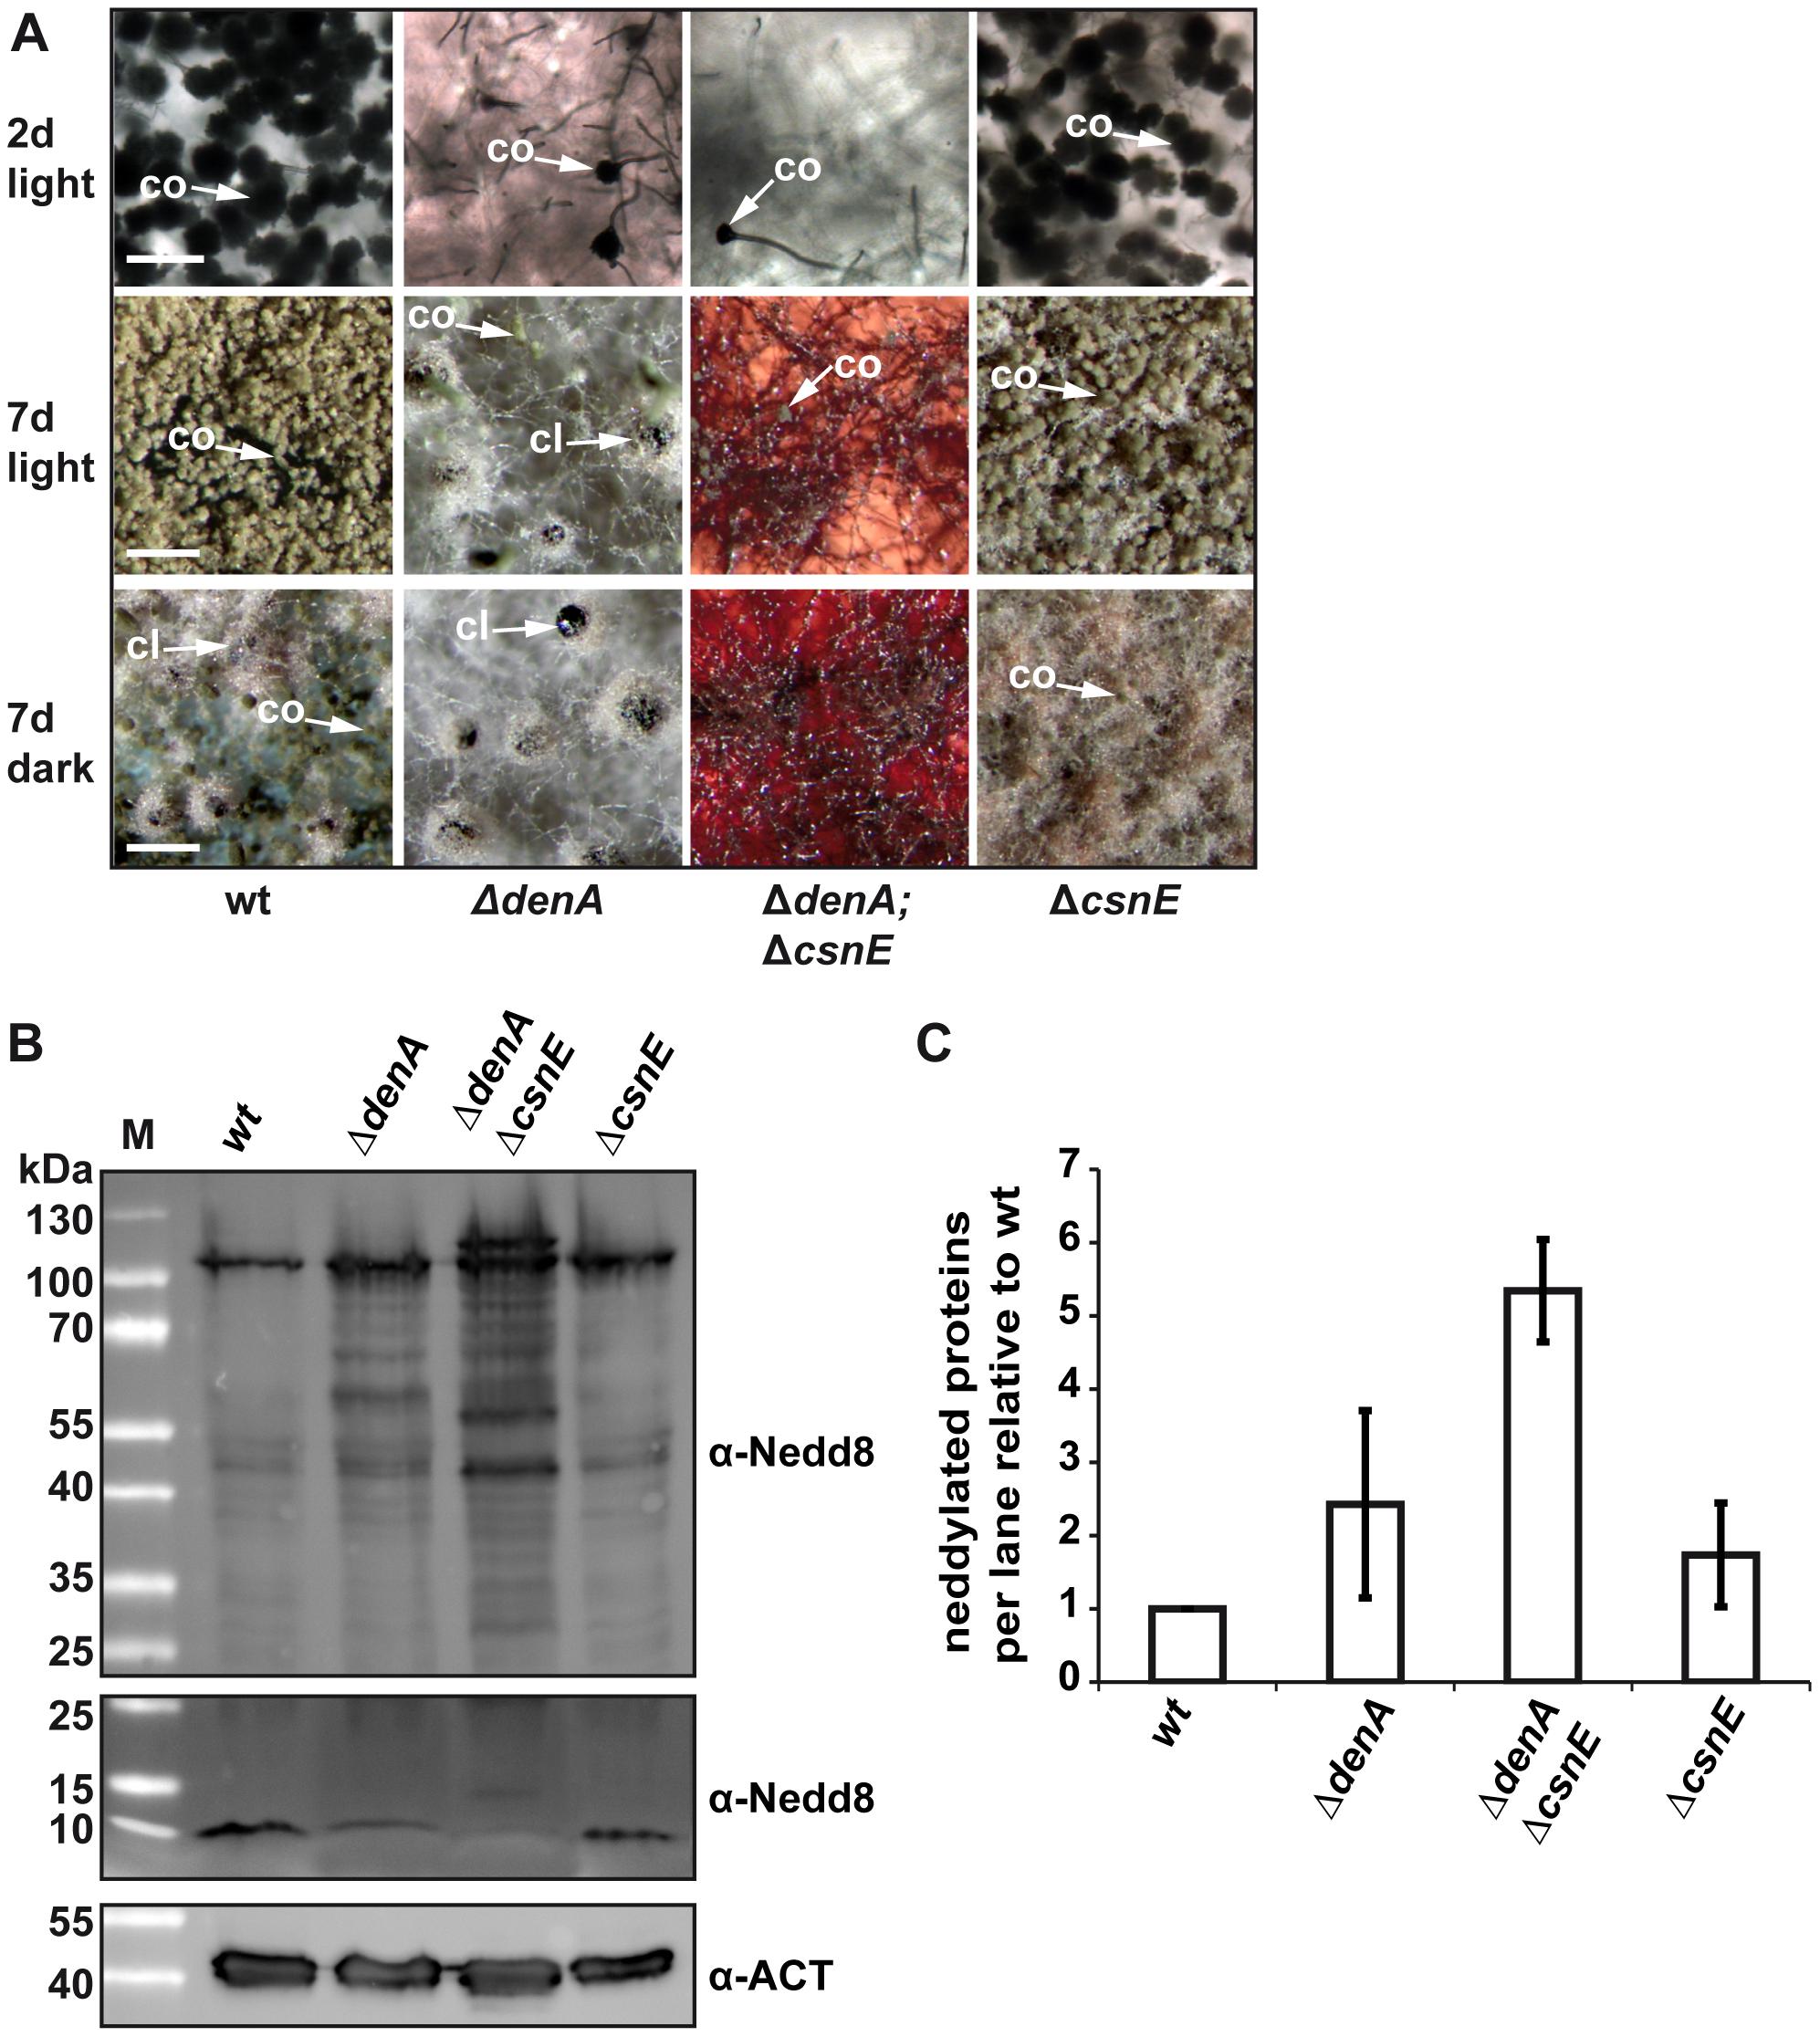 Double knock-out of the deneddylase encoding genes <i>denA</i> and <i>csnE</i> abolished fungal development.